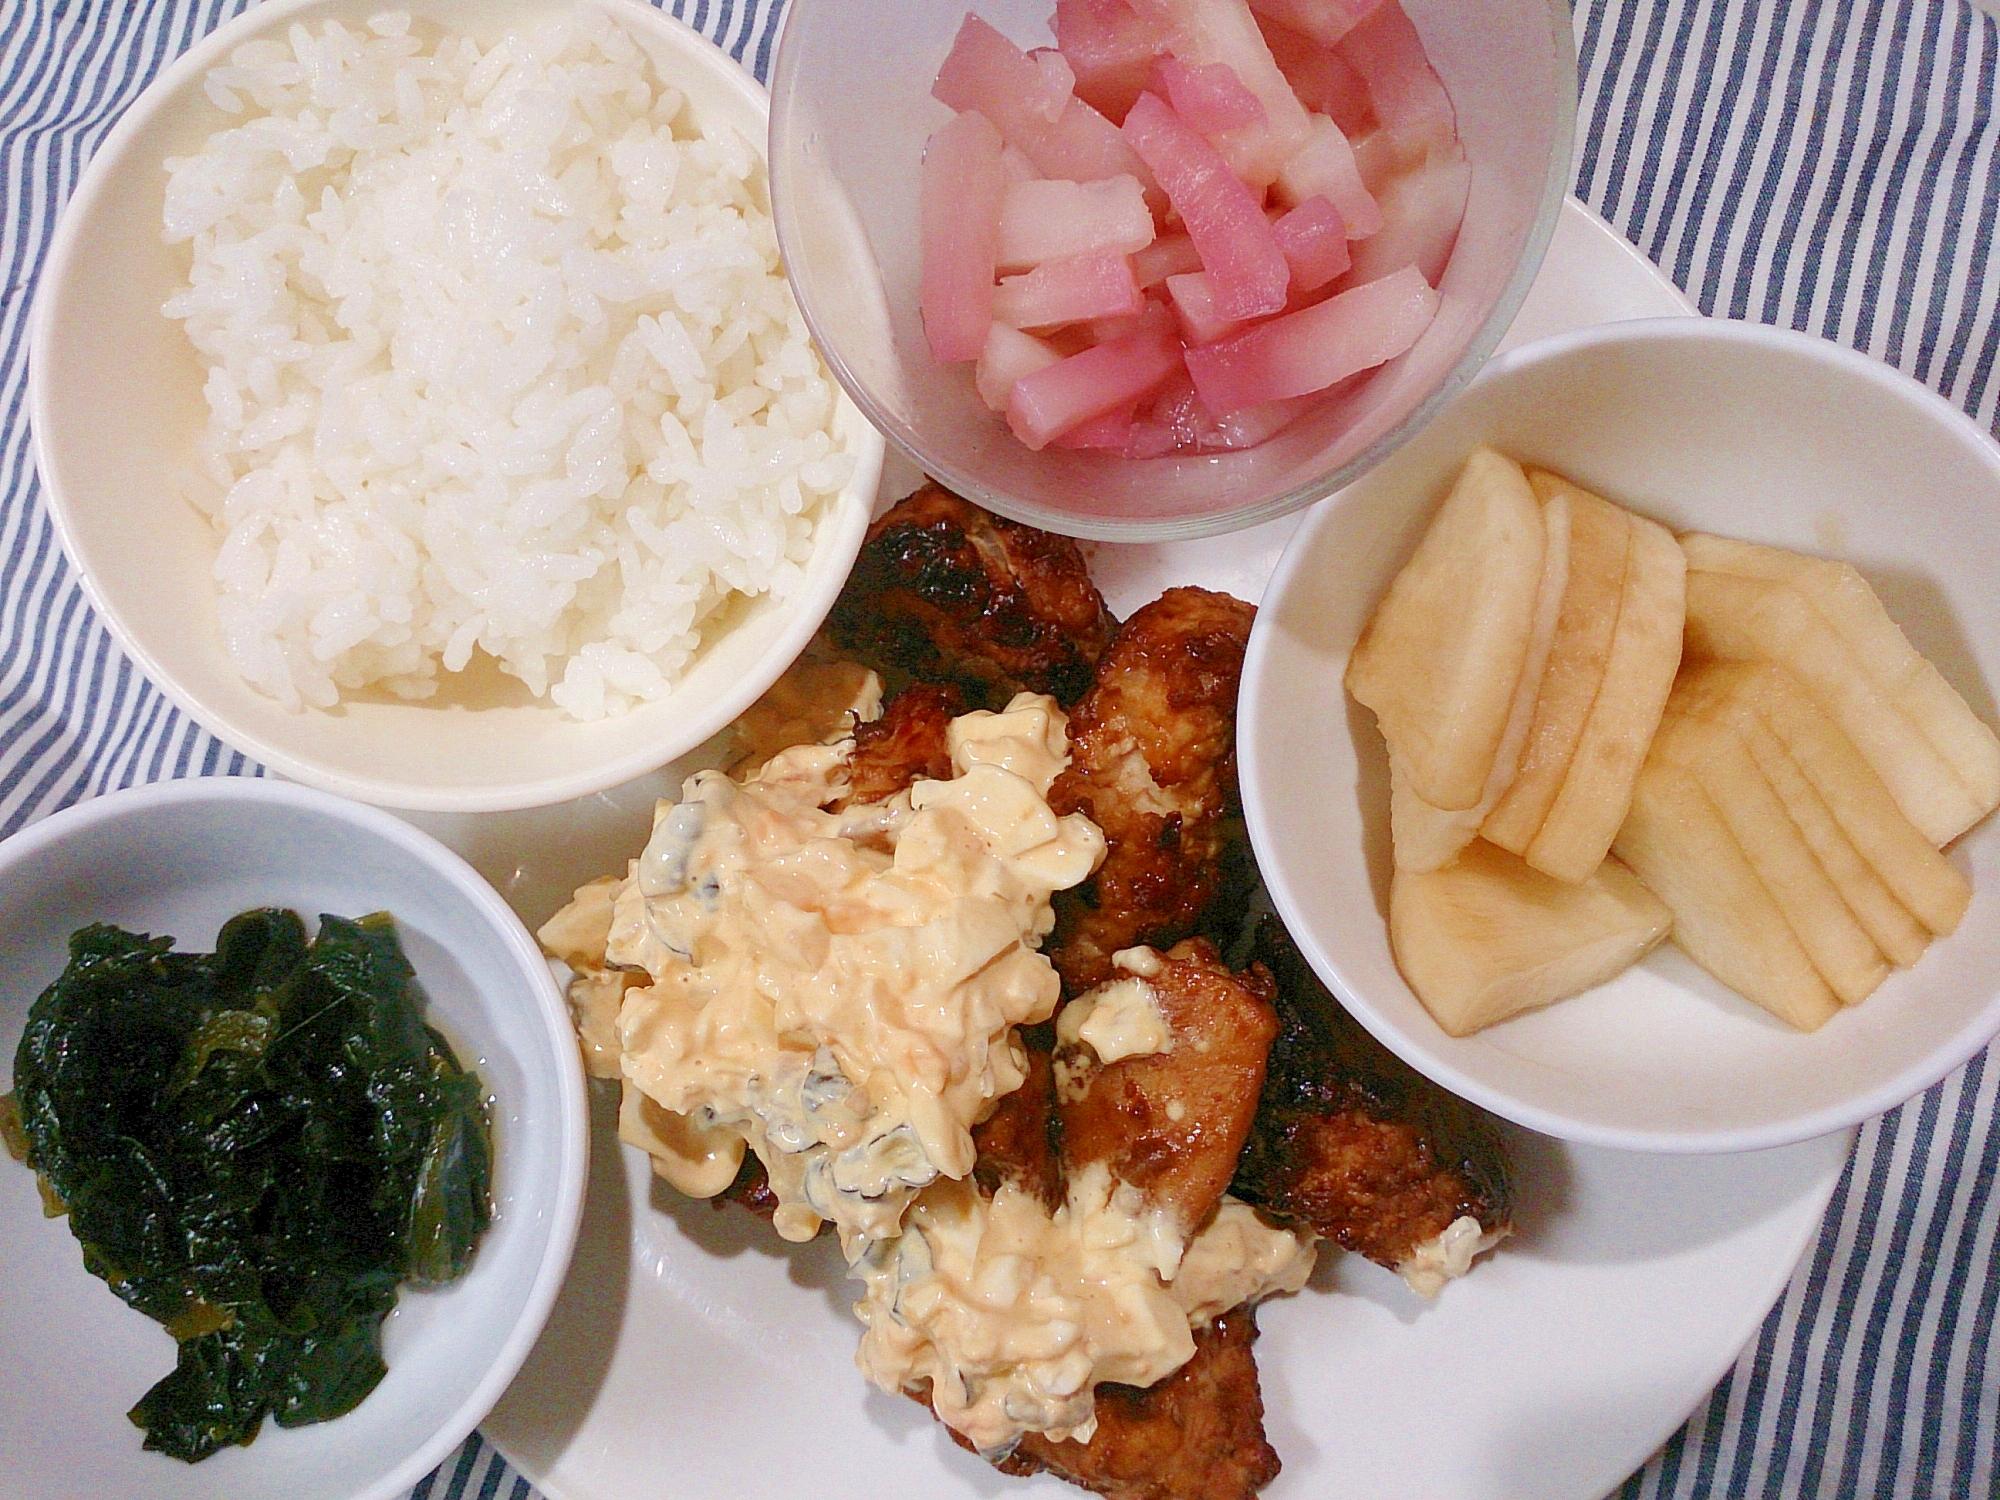 ワンプレート 鶏胸唐揚げタルタルソース添えと酢の物